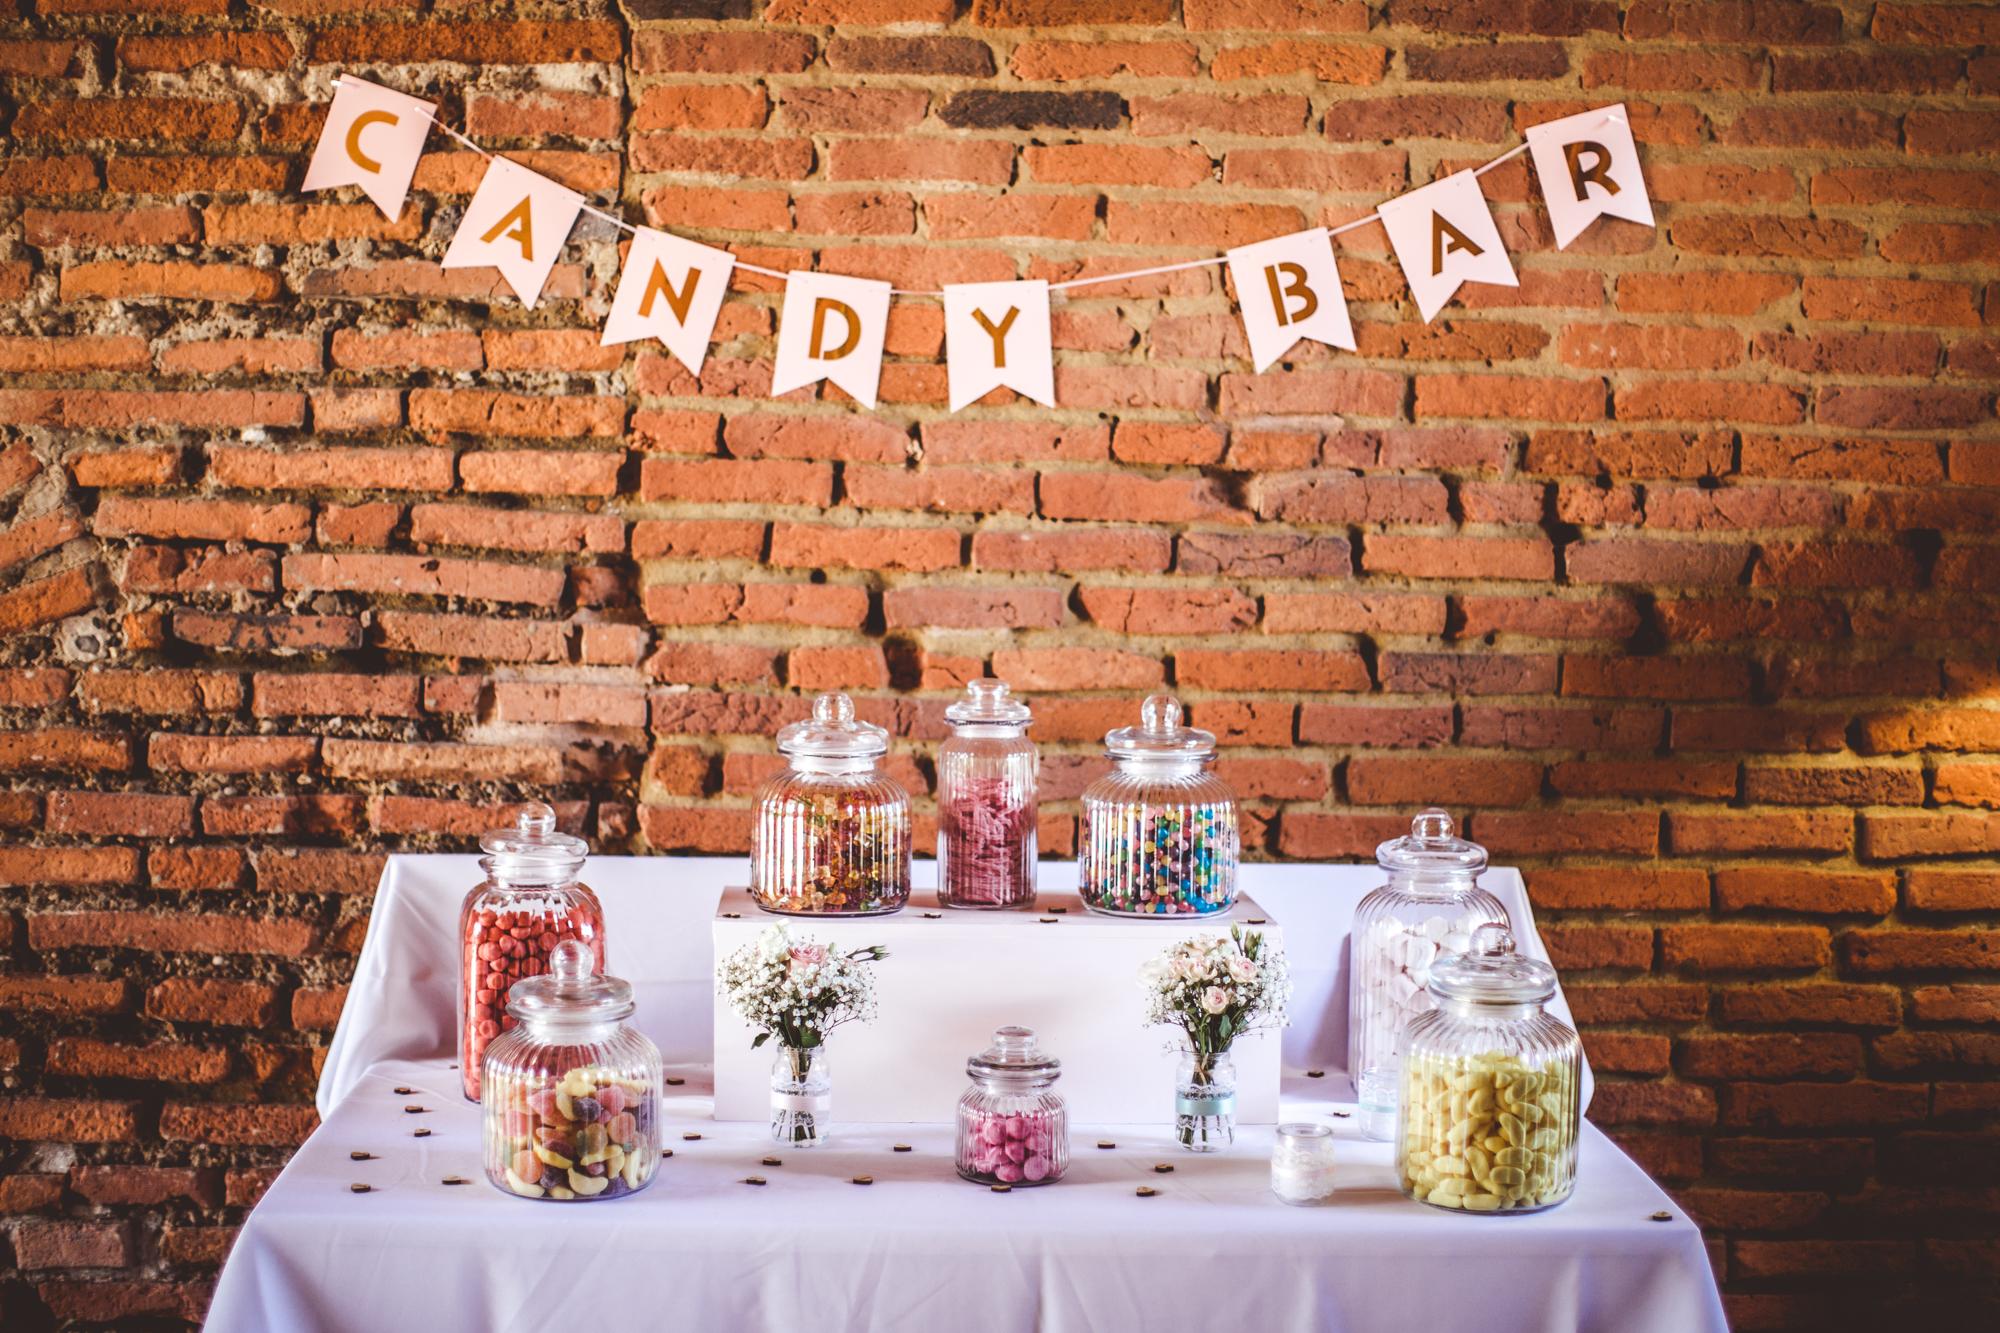 reportage mariage photo chateau launac decoration mariage brique orange toulouse fleurs table details cadeaux invites wedding day candy bar